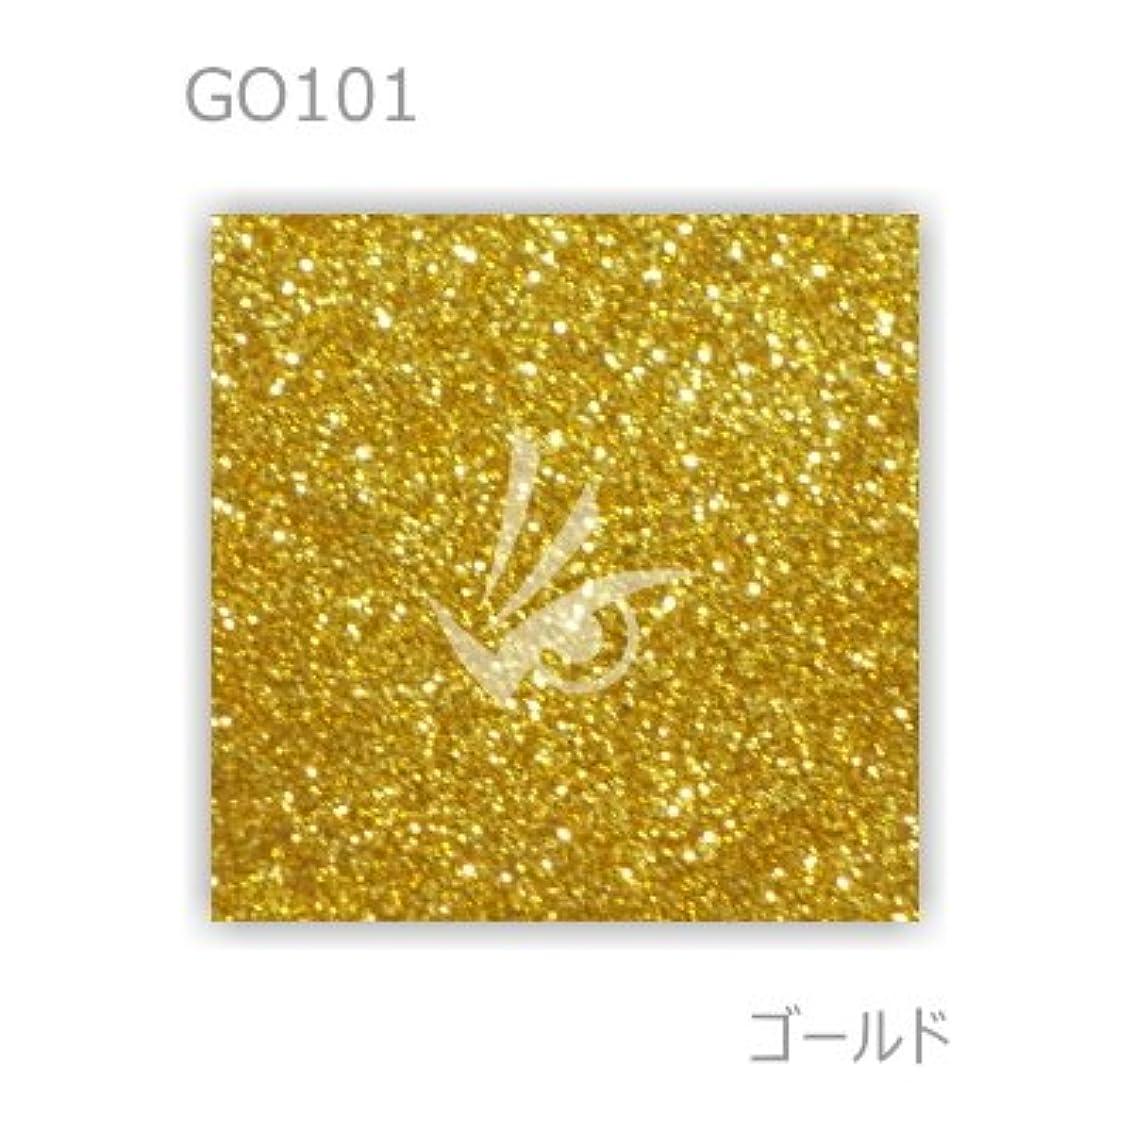 社会主義クラブ呪い業務用 グリッター ラメパウダー ホログラム (ゴールド) (500g) (0.2mm)